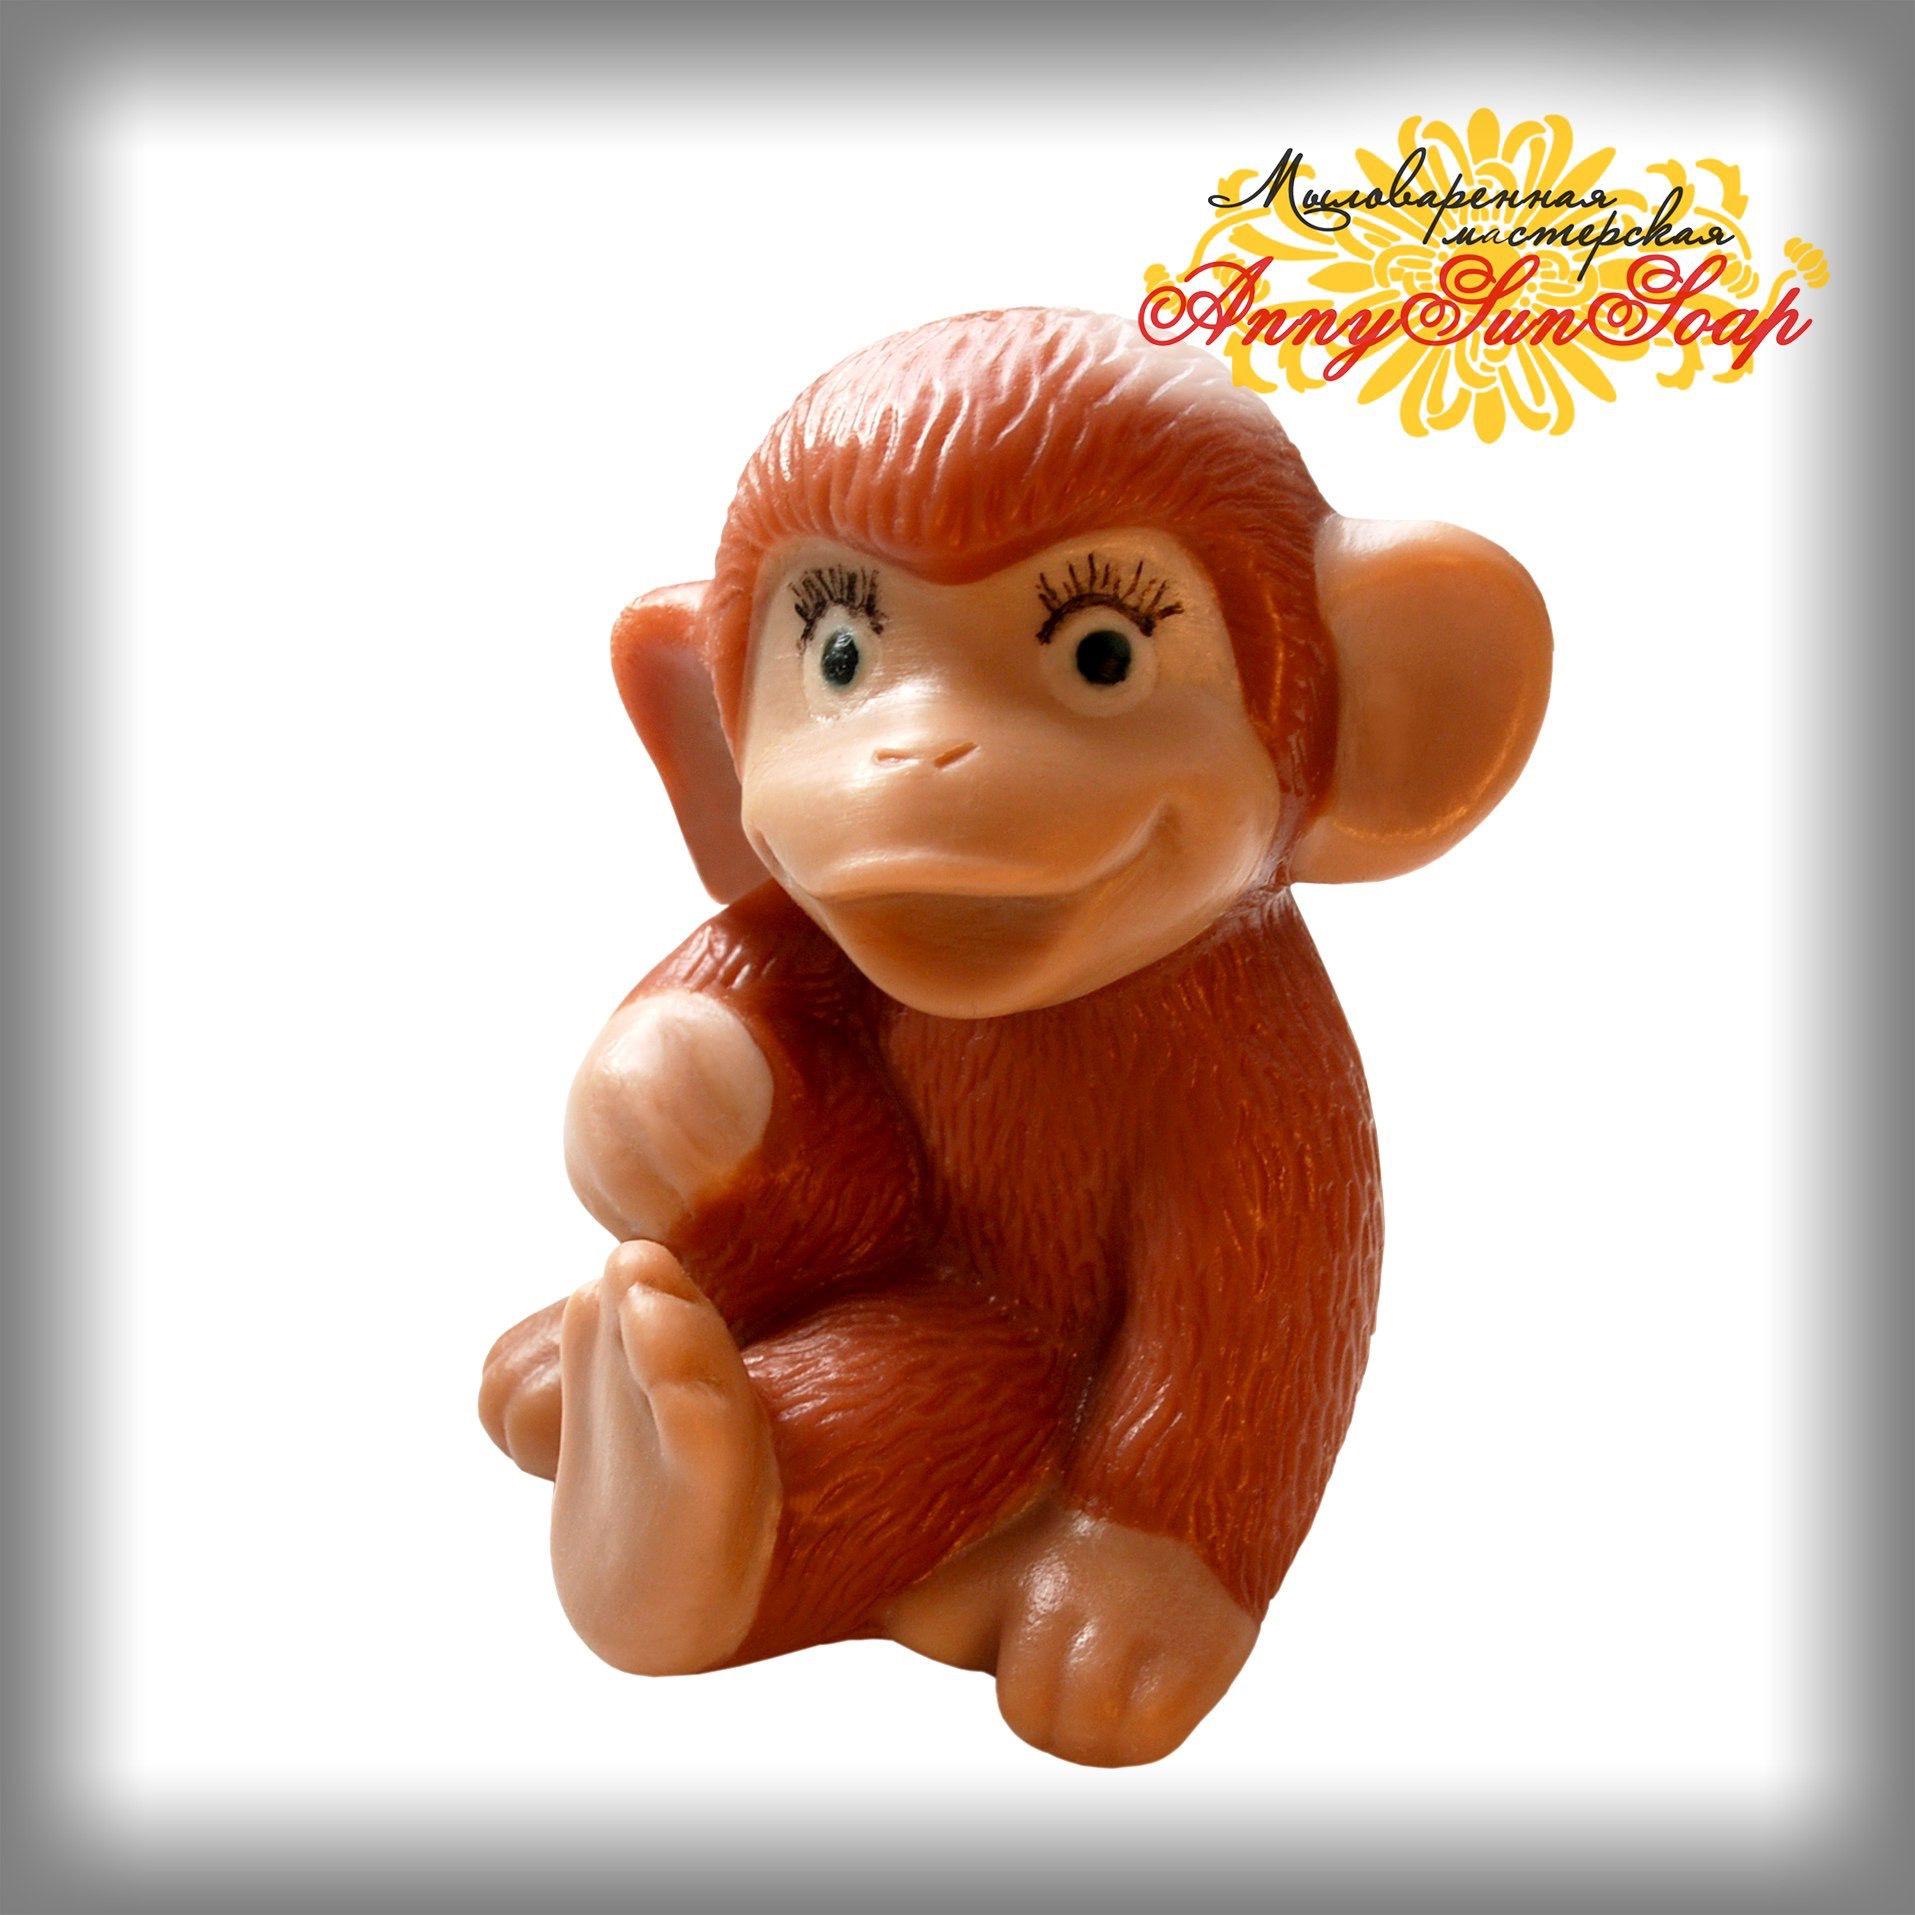 обезьяна подарок символгода мартышка макака символгода2016 новыйгод подарки 2016